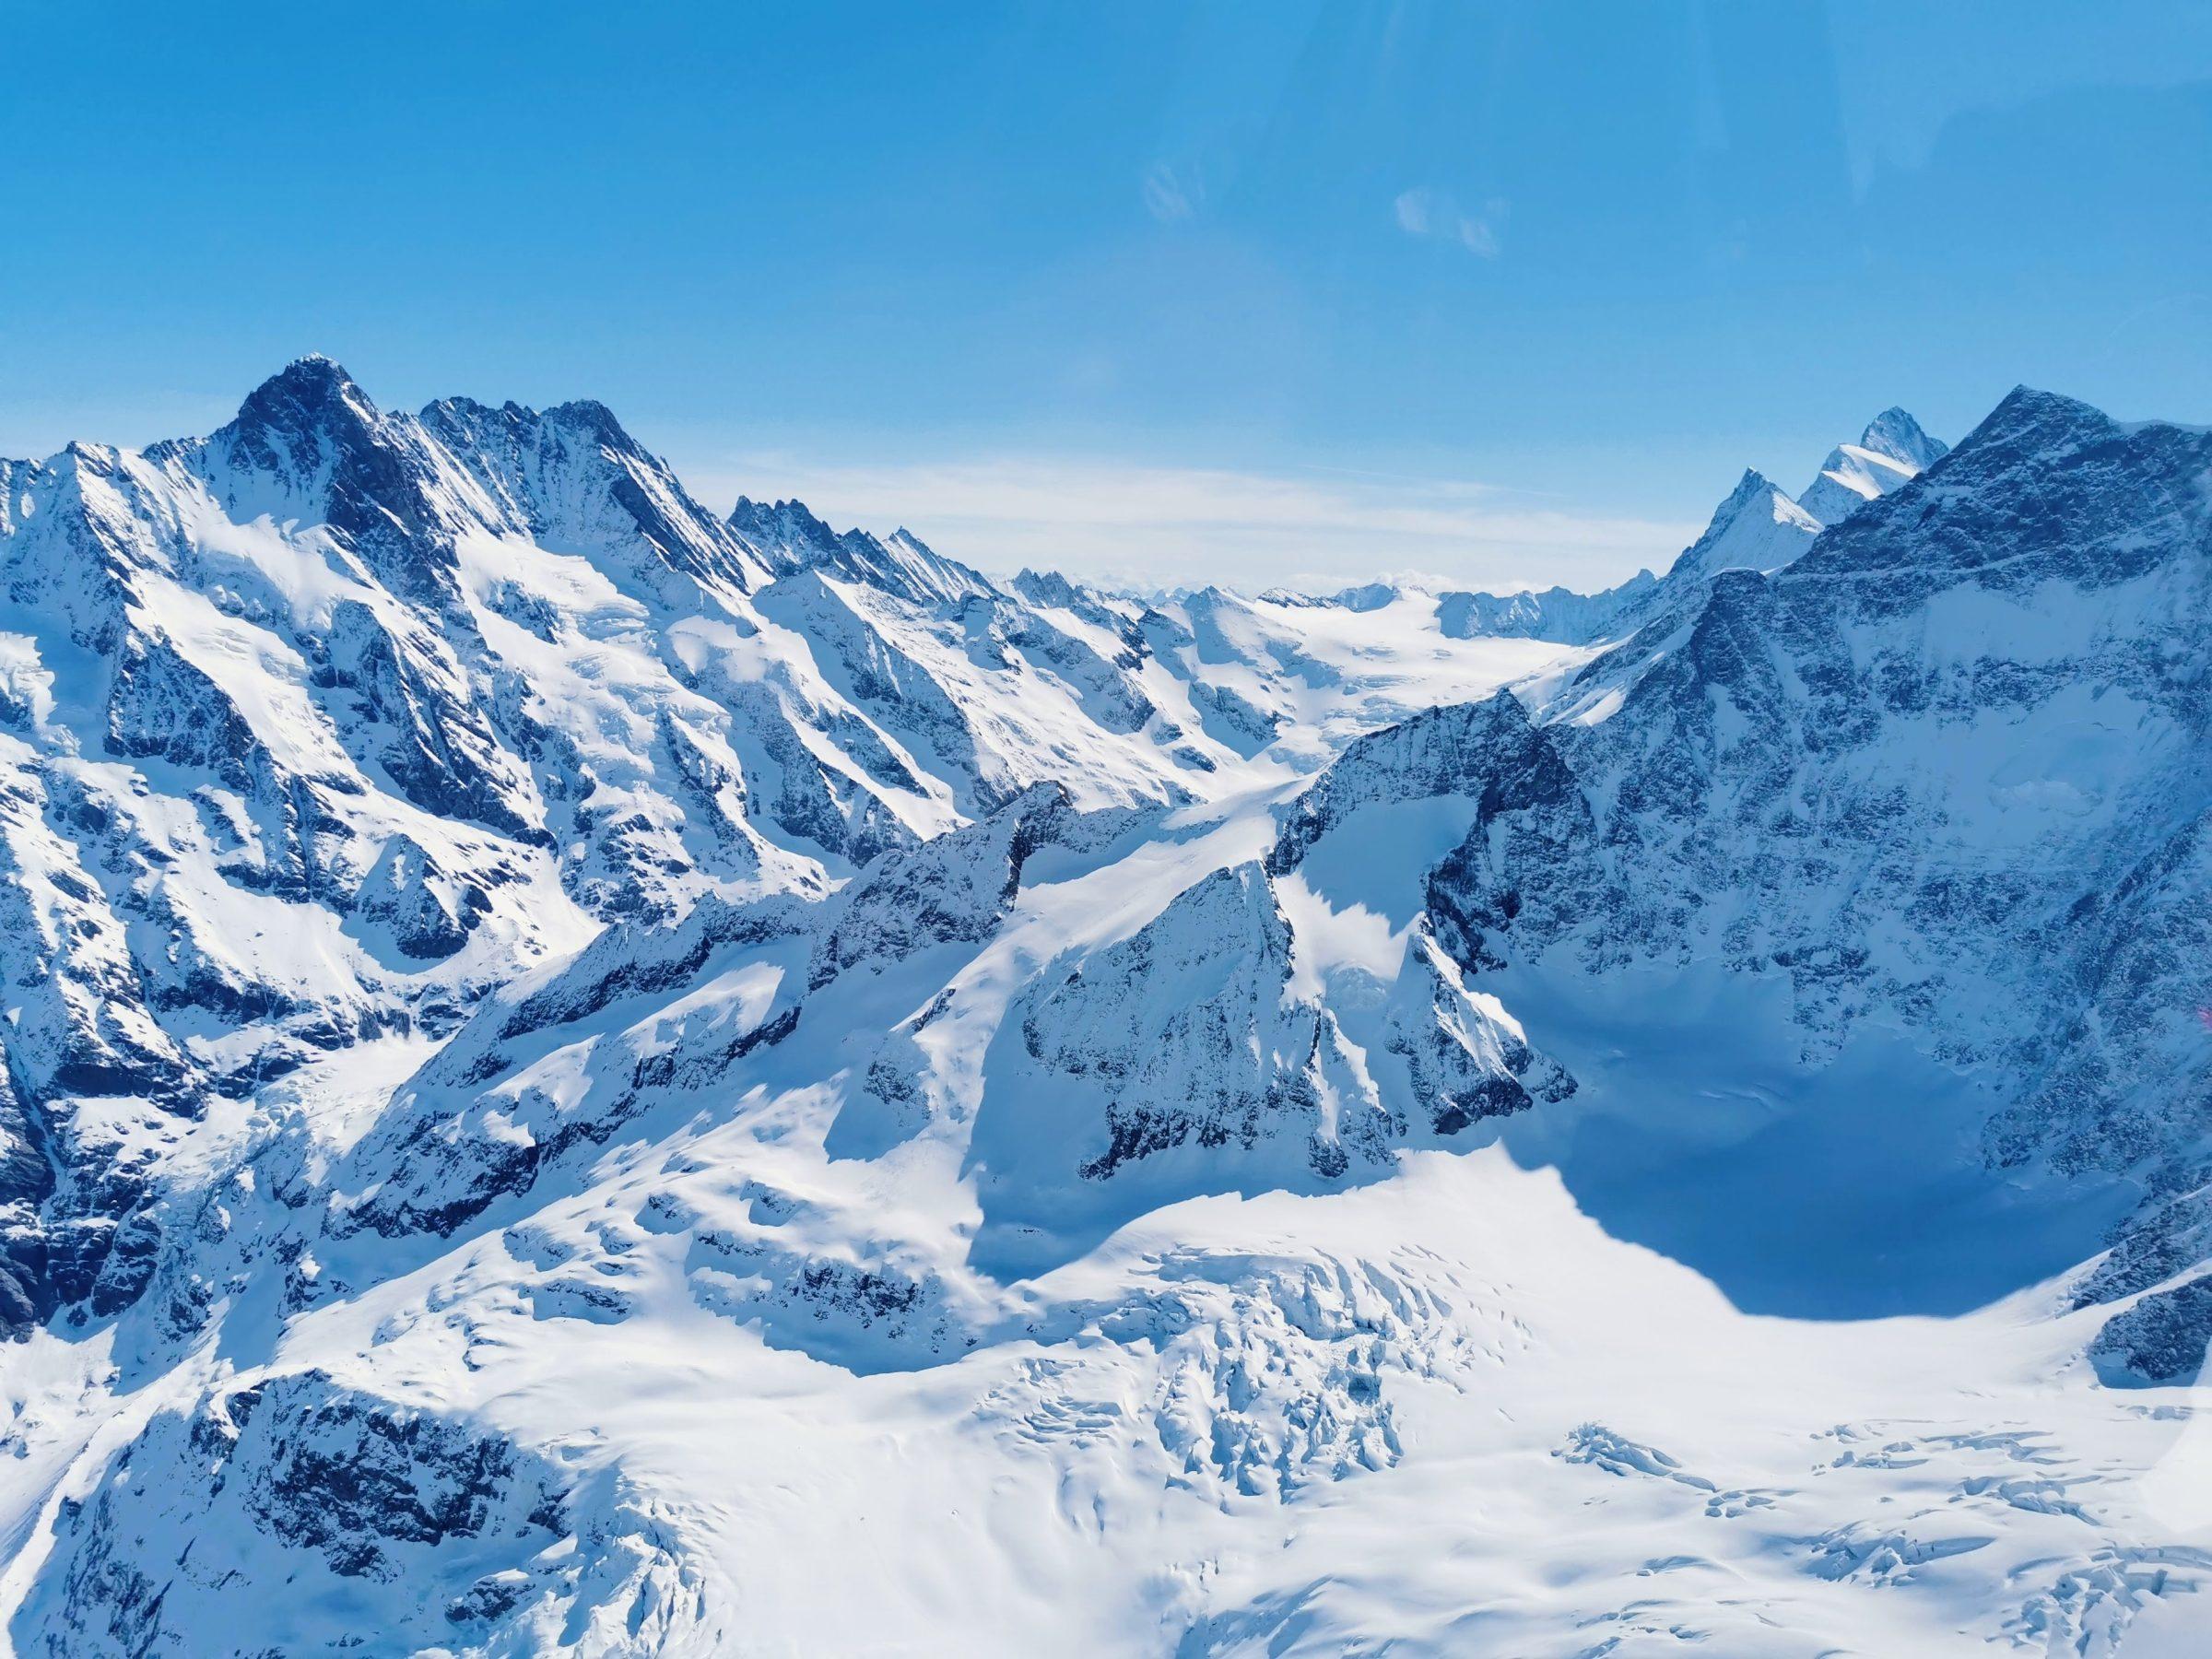 De eerste rits hoge bergtoppen | Helicoptervlucht Lauterbrunnen, Zwitserland